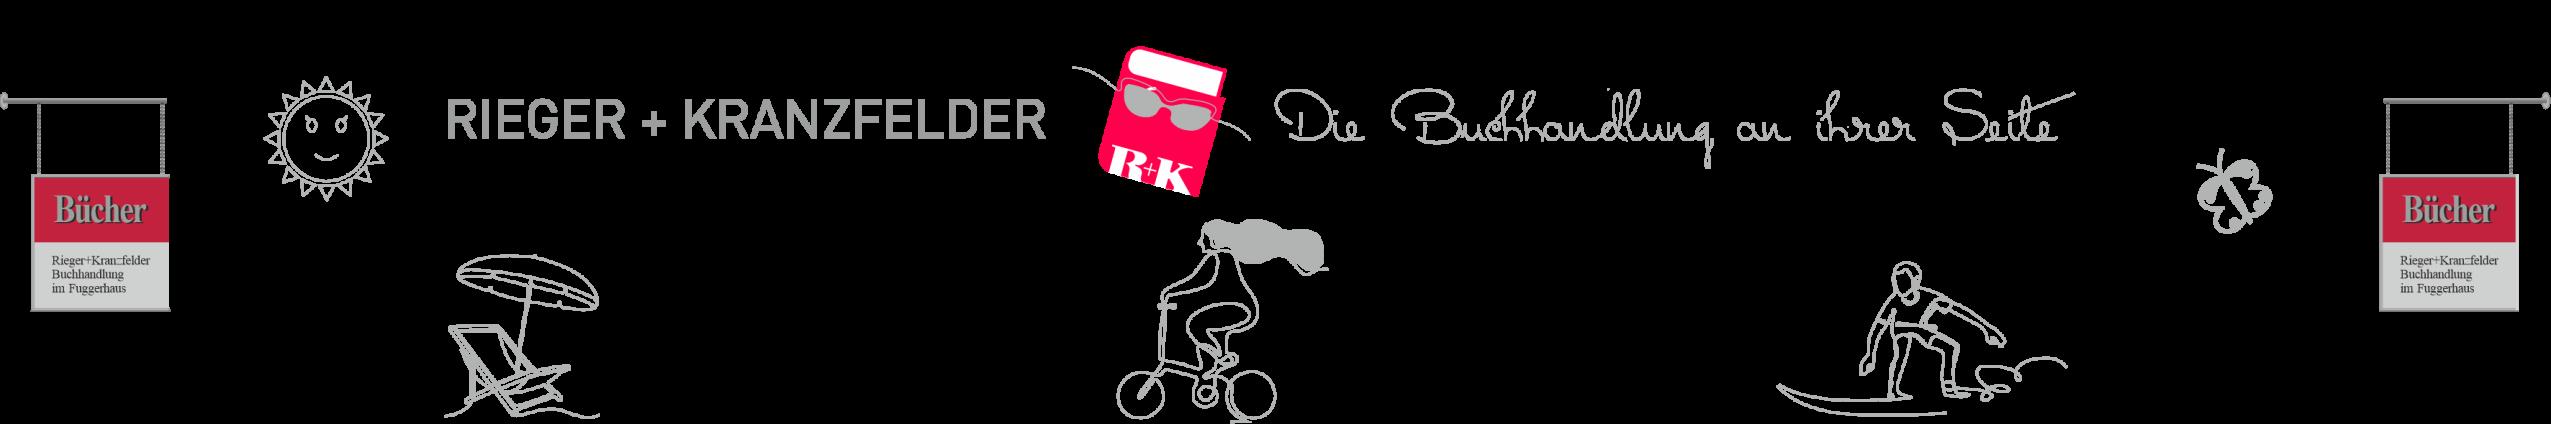 Buchhandlung Rieger+Kranzfelder Augsburg